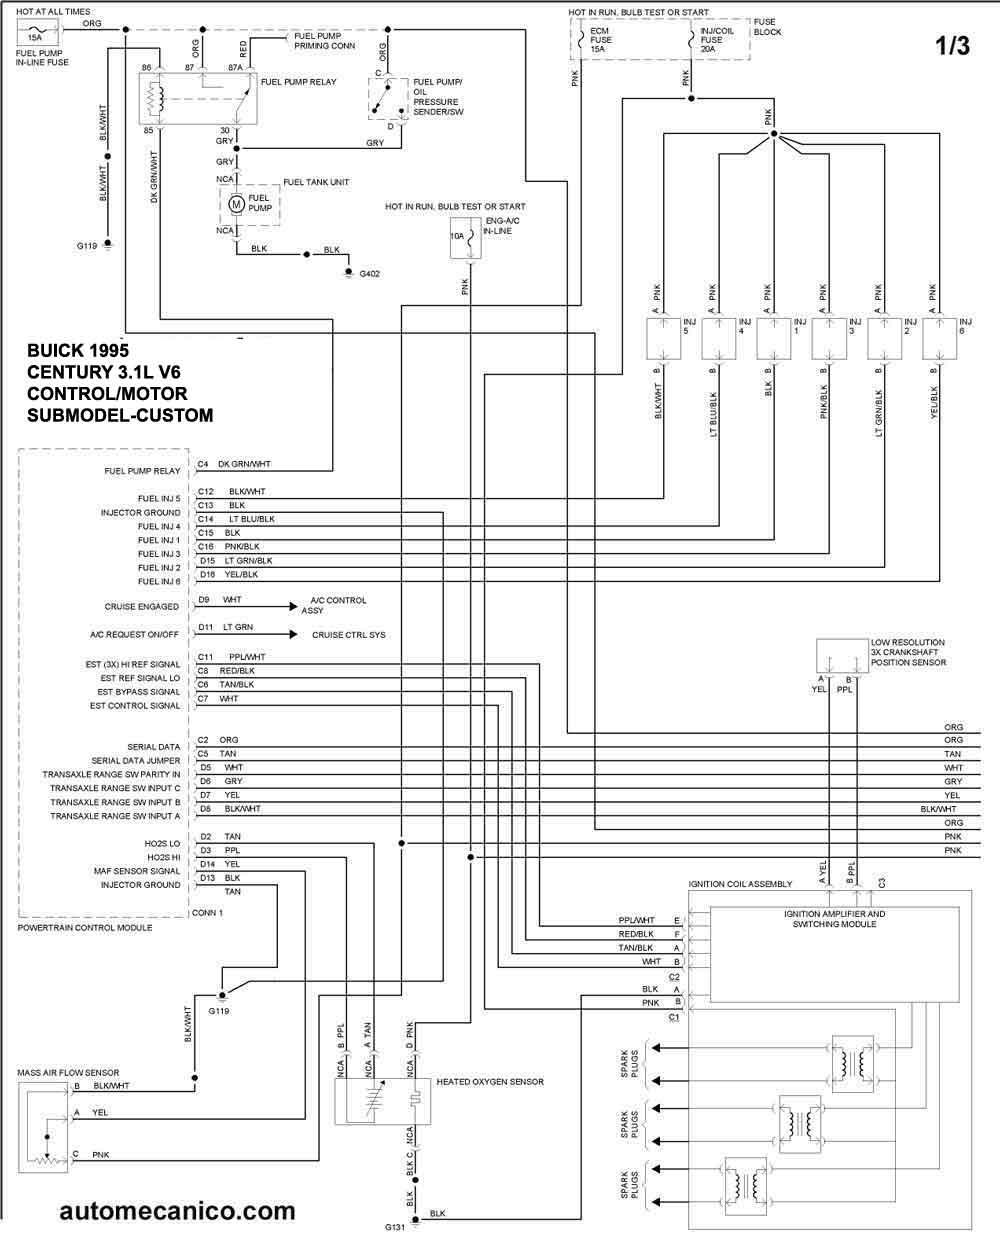 buick -1995 - diagramas control del motor